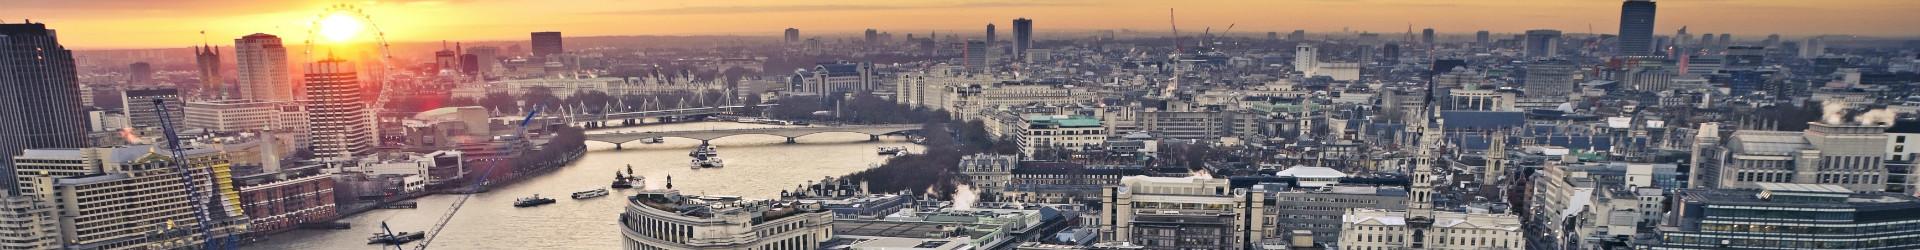 London ThinkstockPhotos 176904609